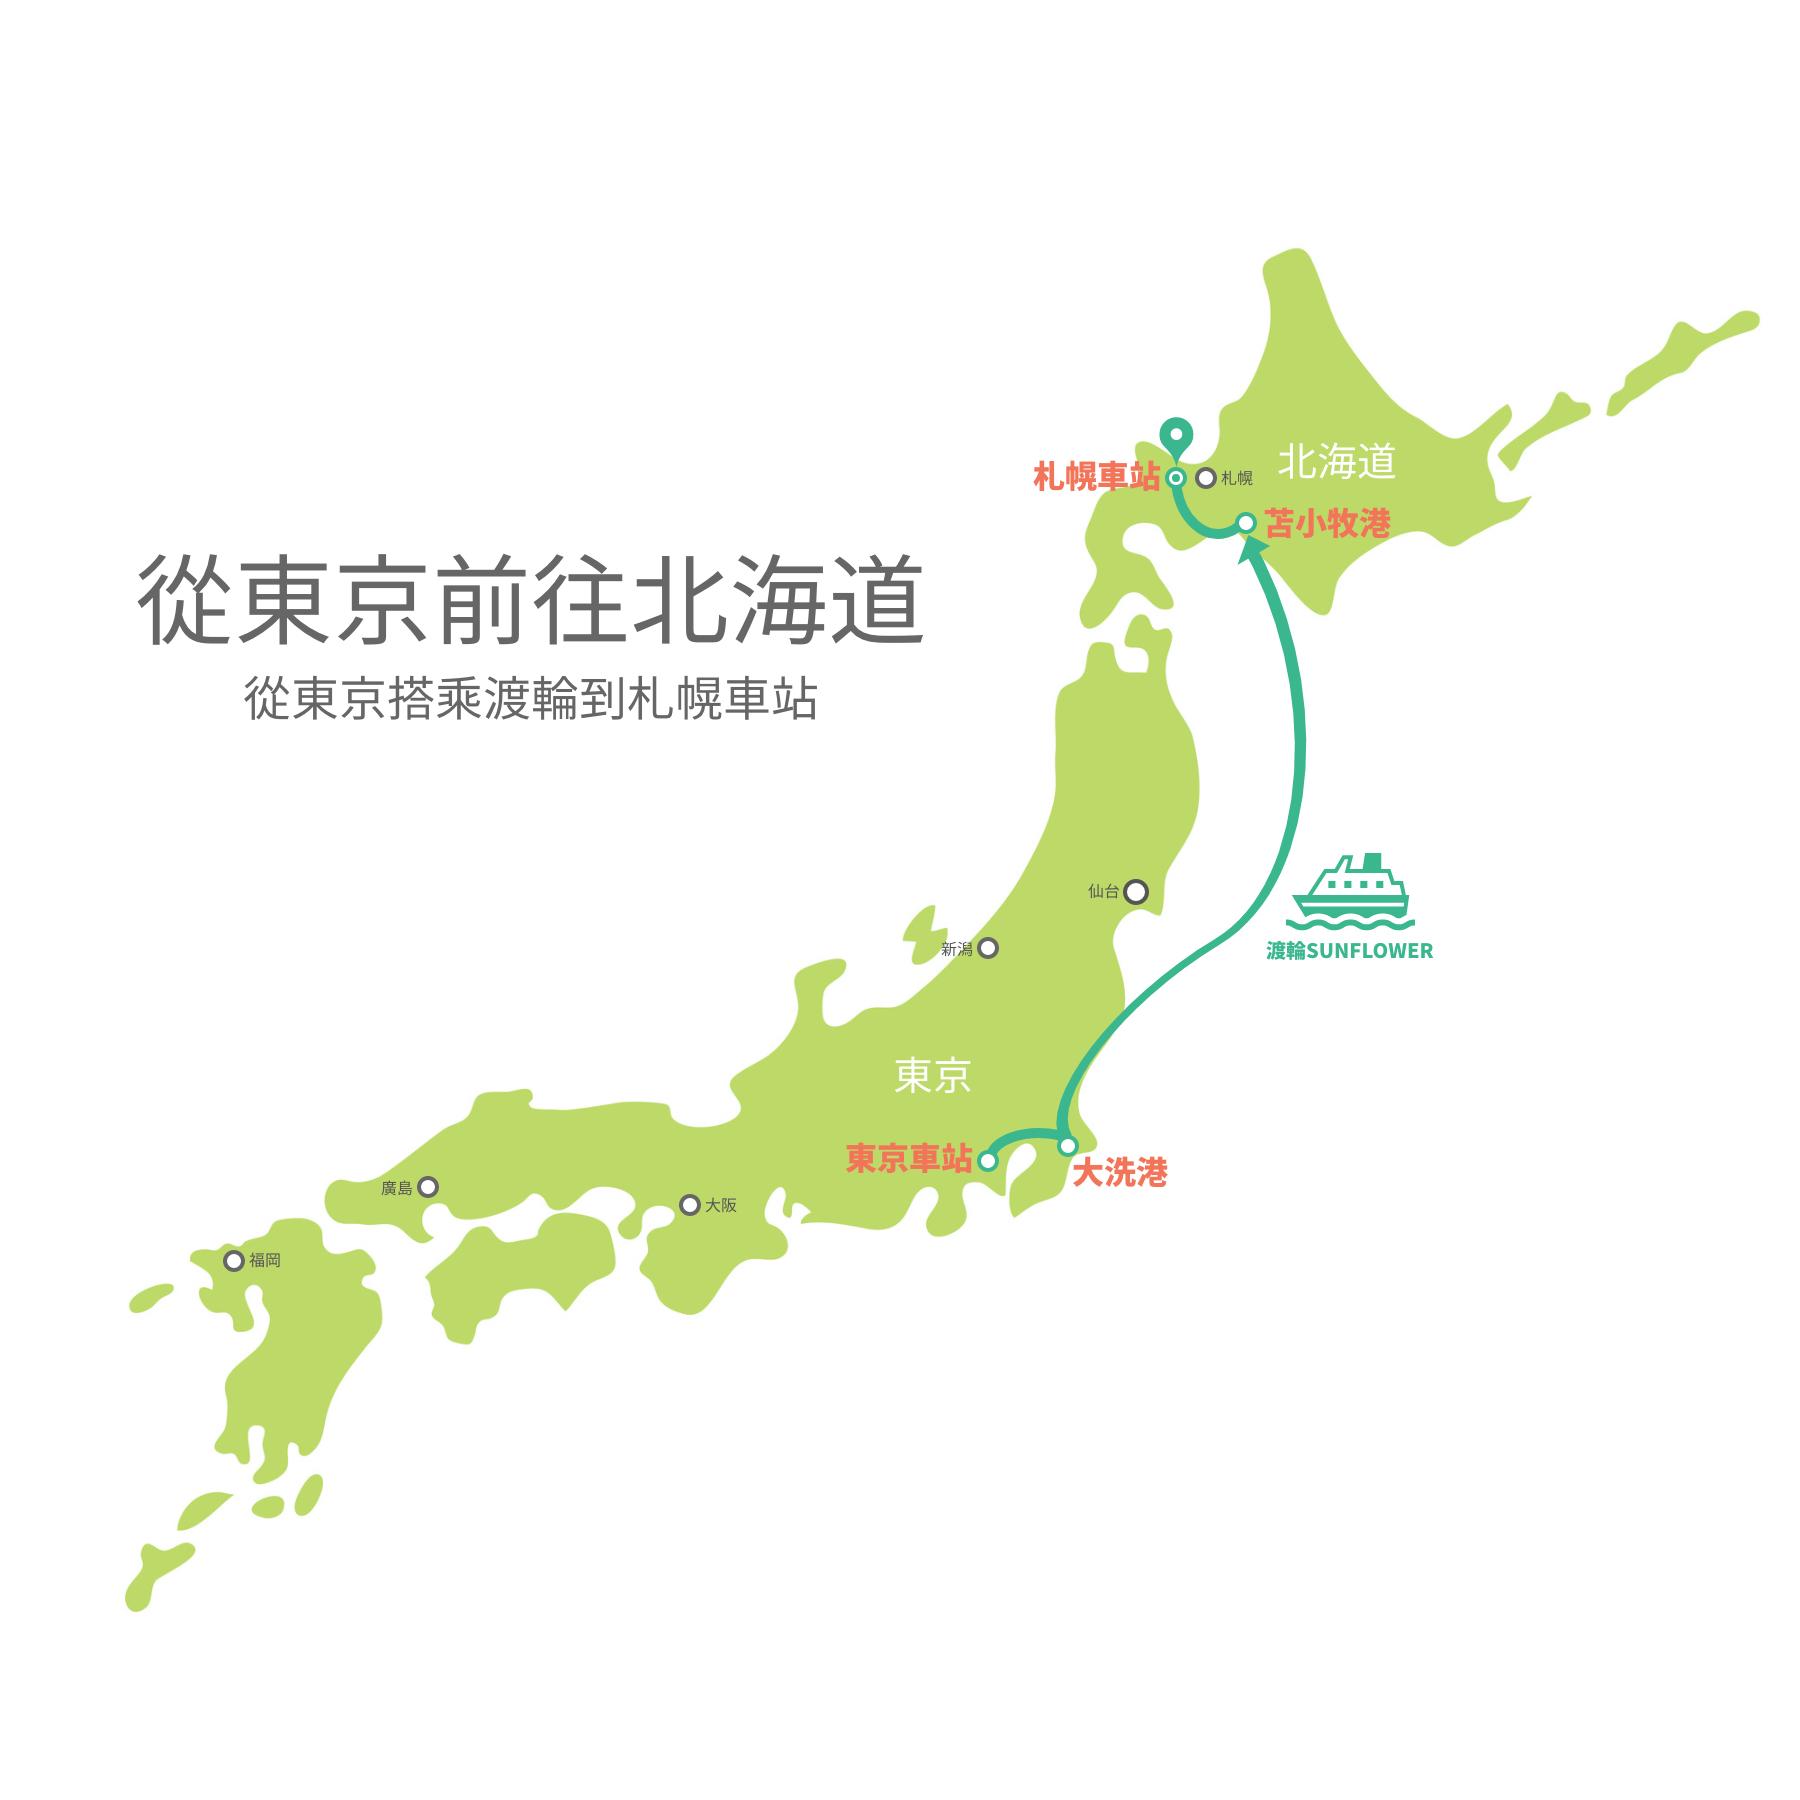 從東京搭乘渡輪到札幌車站的交通方式示意圖